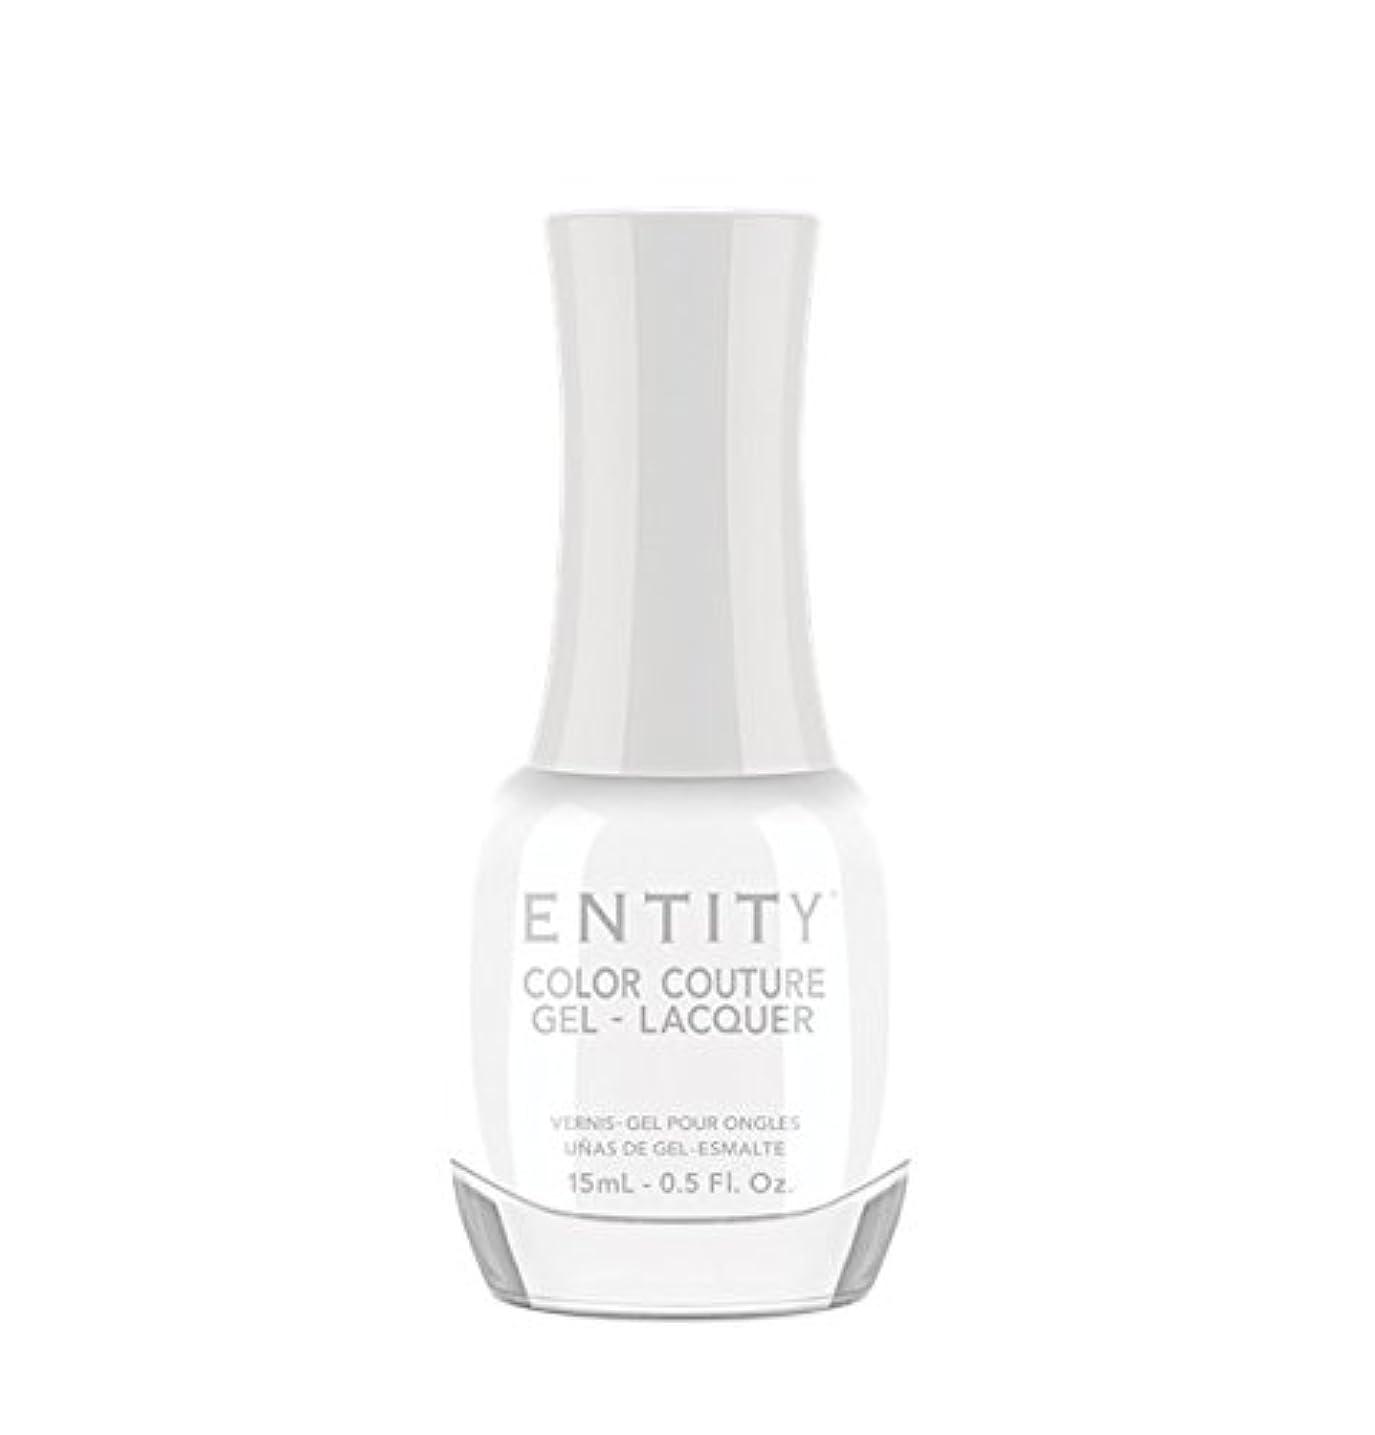 ミンチアシスト敵Entity Color Couture Gel-Lacquer - Spotlight - 15 ml/0.5 oz